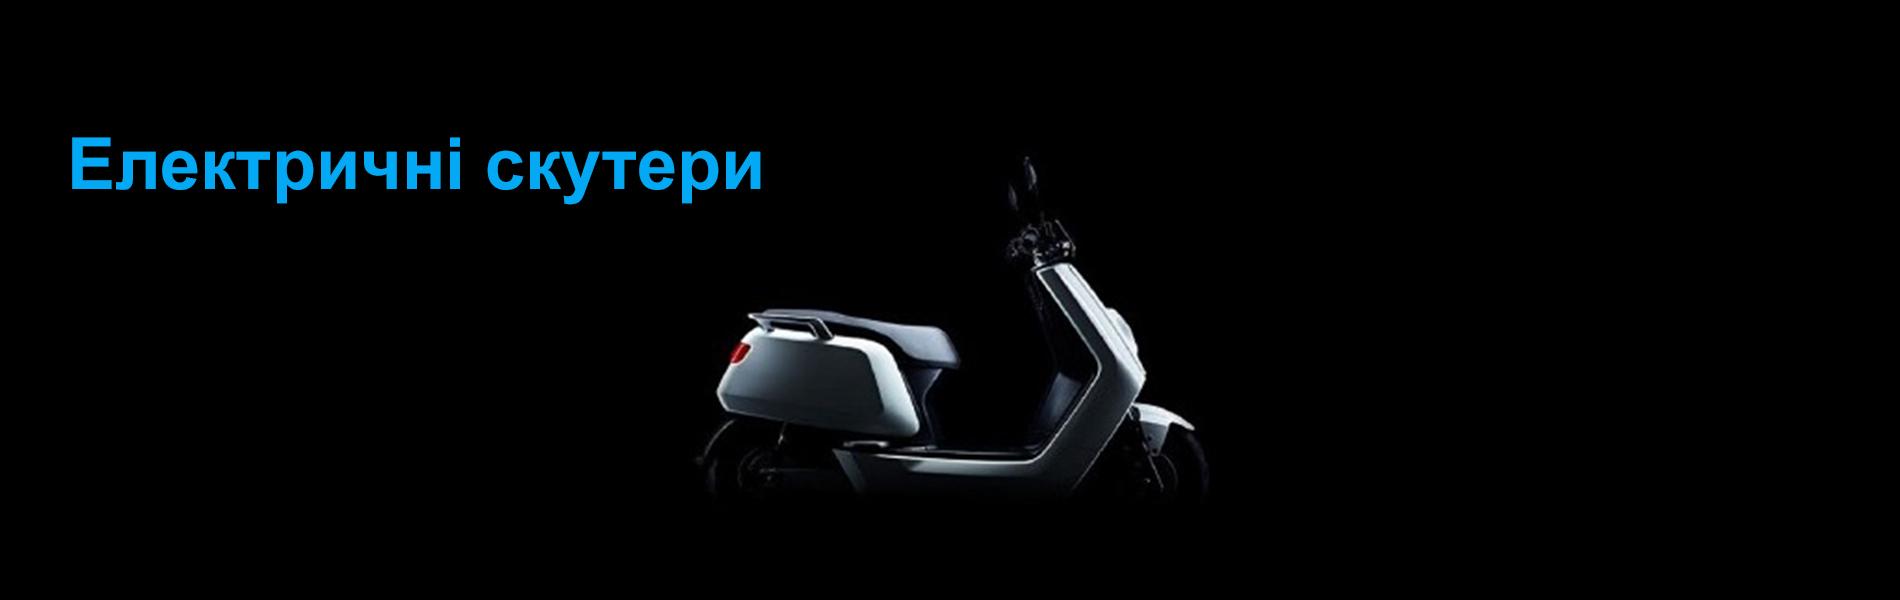 Електричні скутери